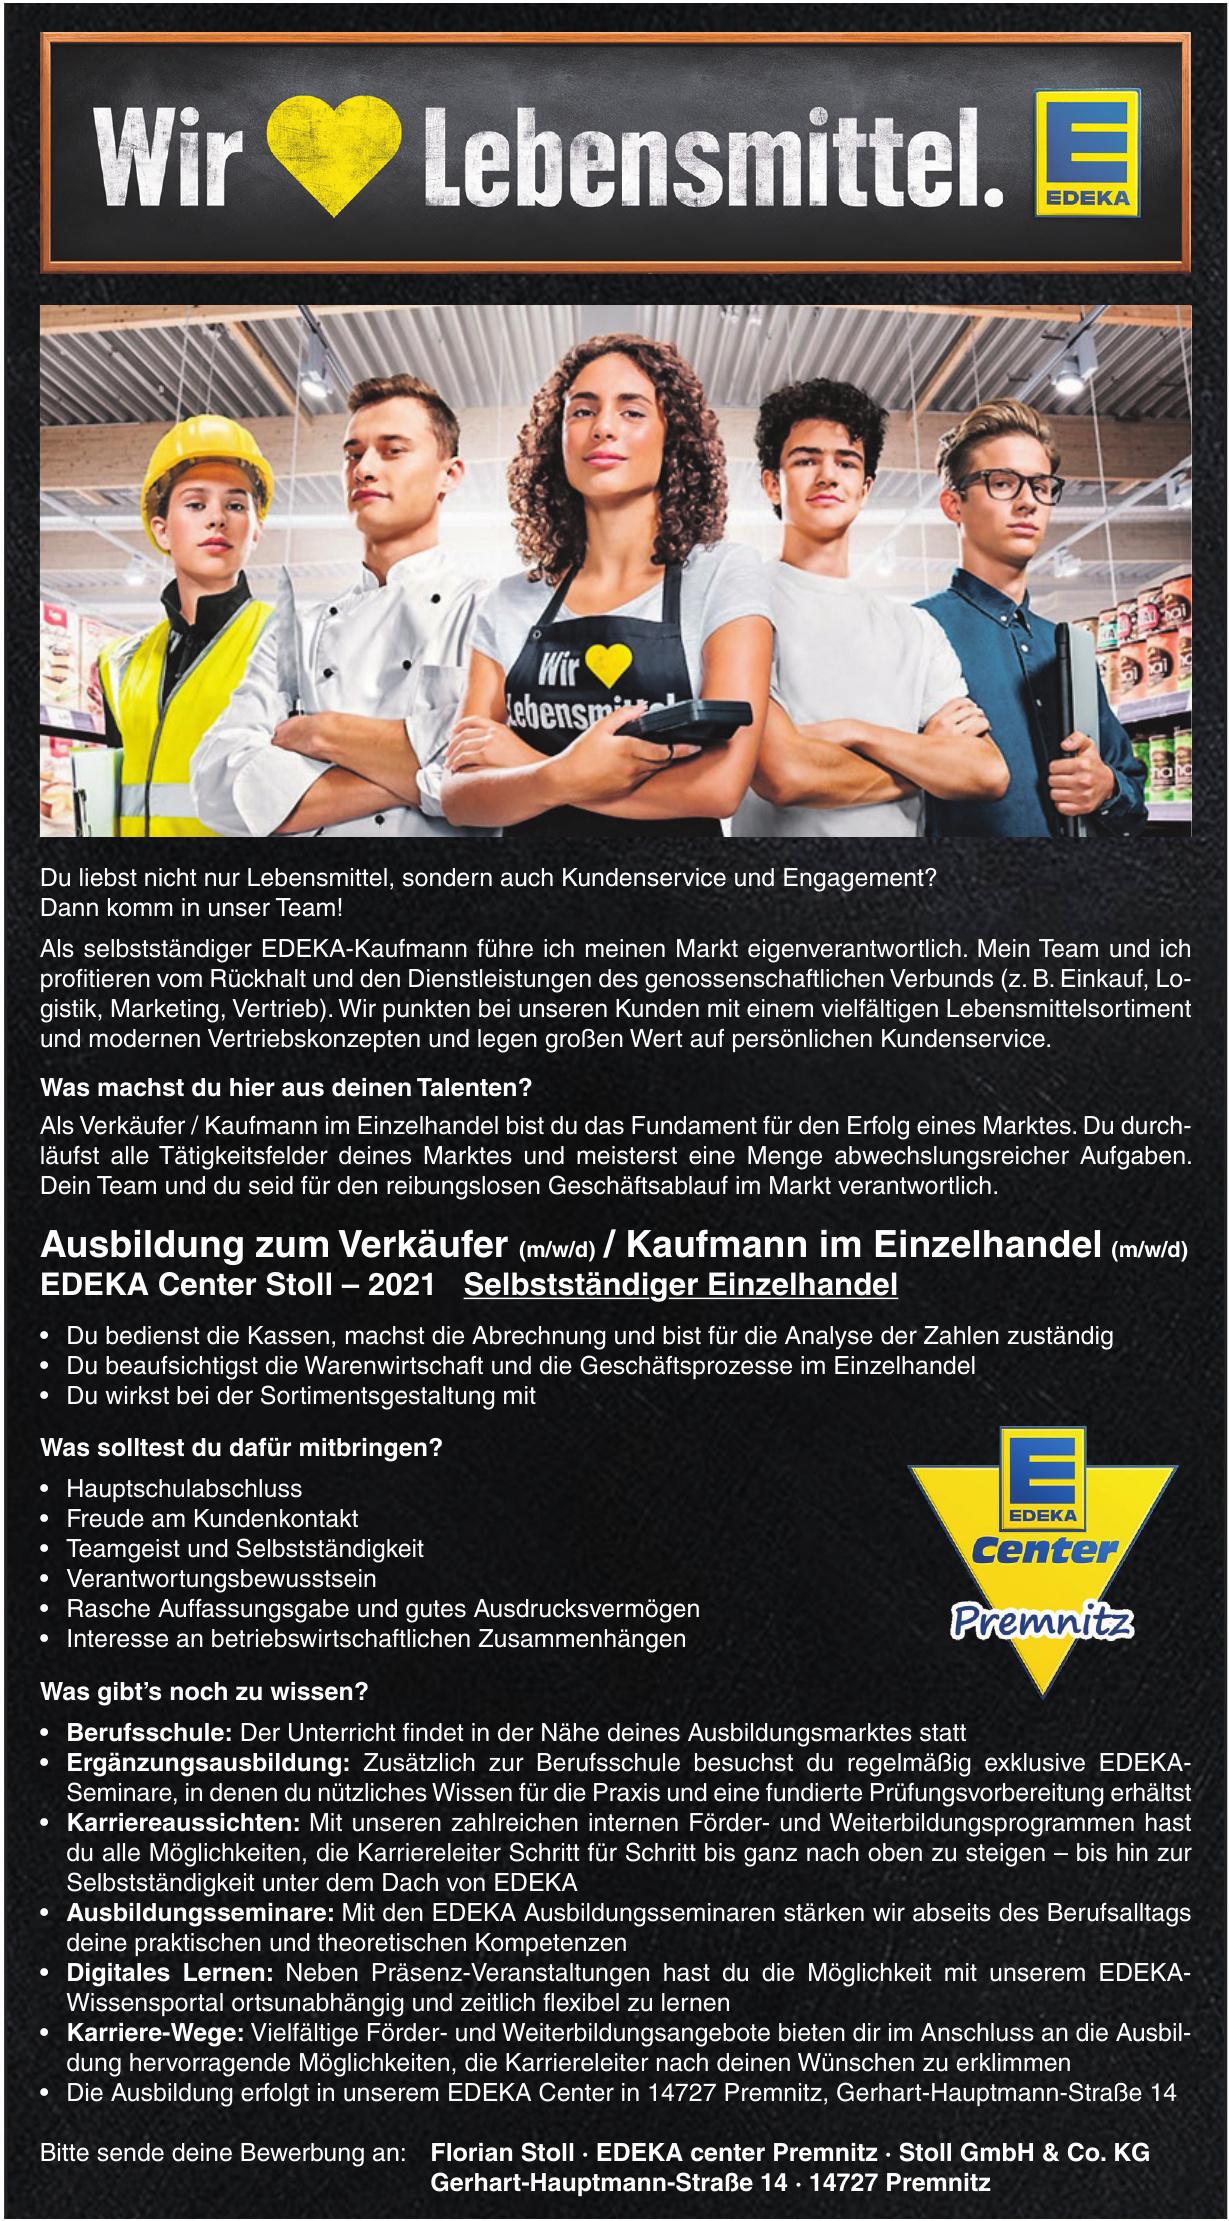 EDEKA center Premnitz · Stoll GmbH & Co. KG